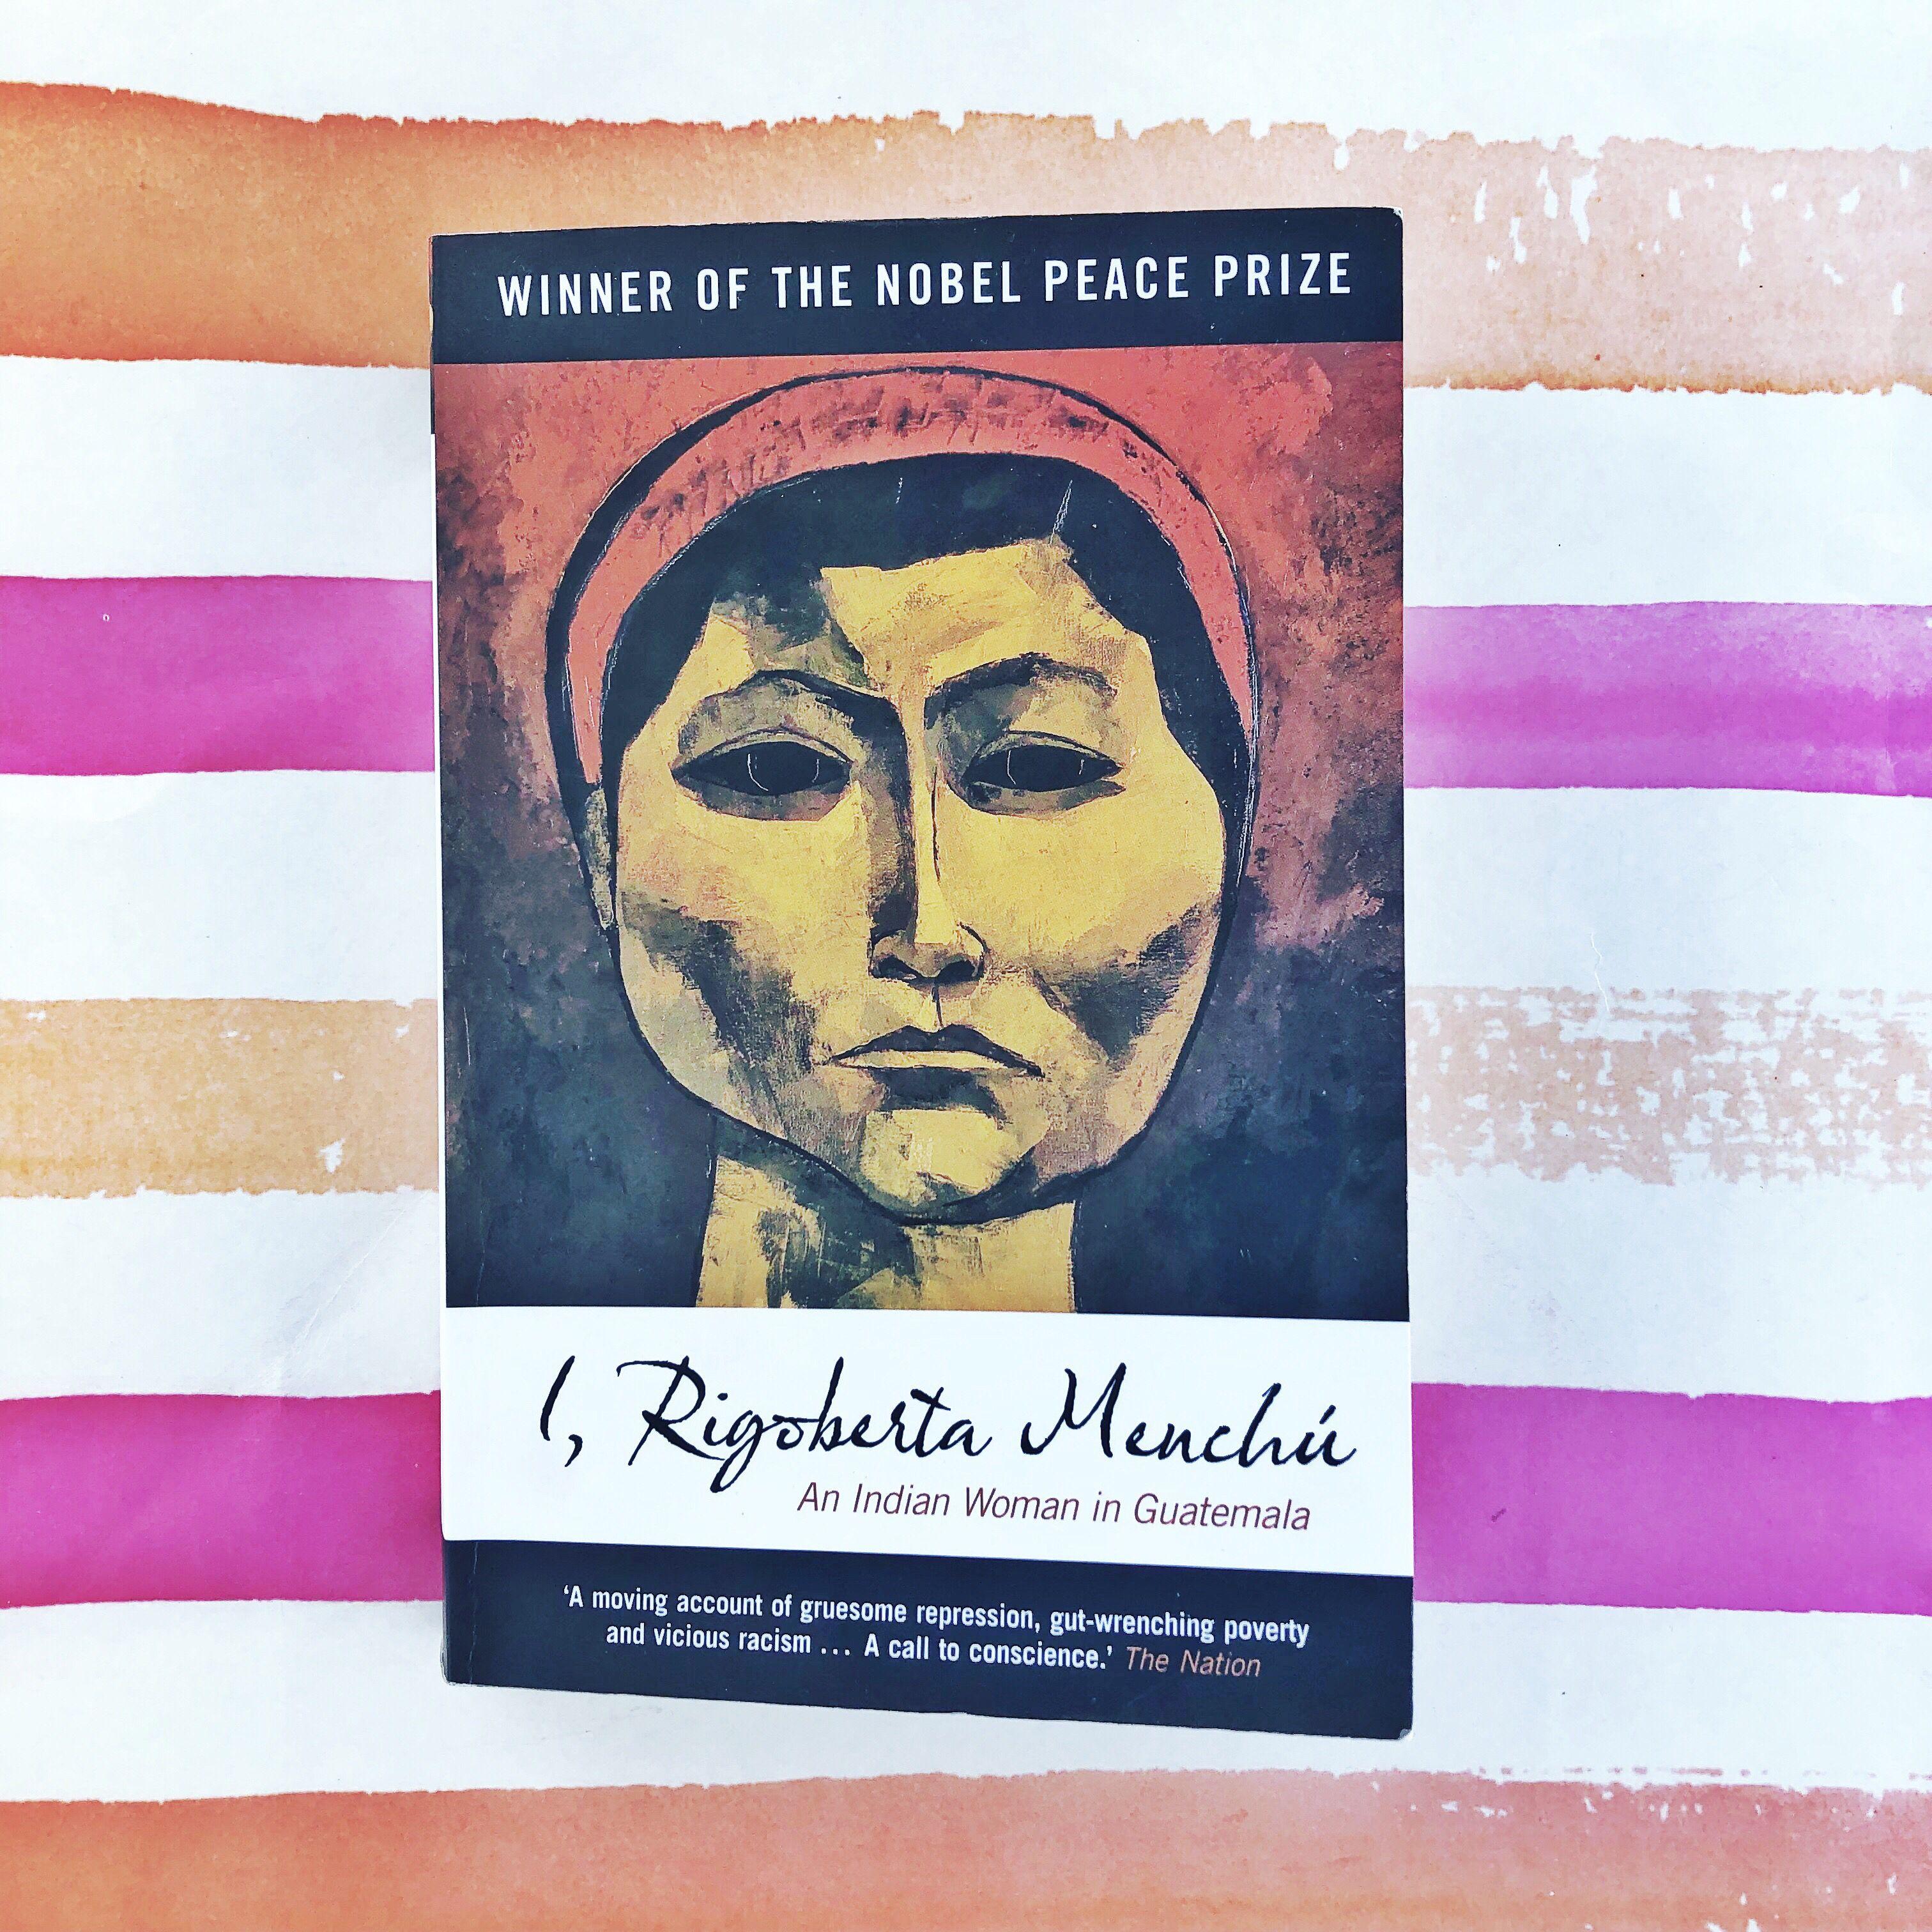 Rigoberta Menchu I An Indian Woman in Guatemala